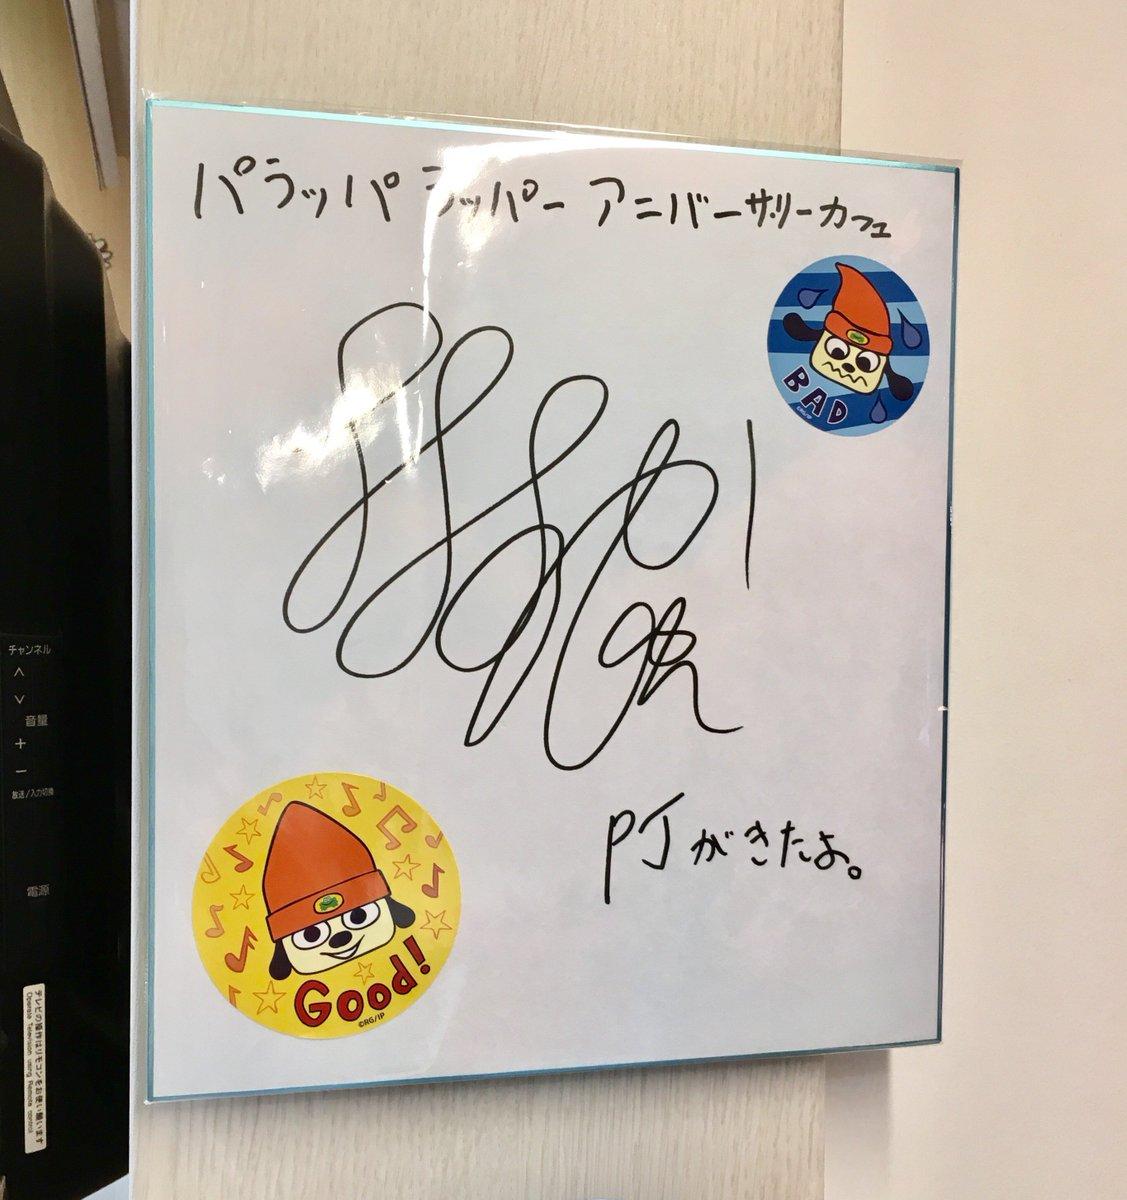 5/4(木)【パラッパラッパー アニバーサリーカフェ&ショップ】に、PJベリーのキャラクターボイスをされている、大須賀純